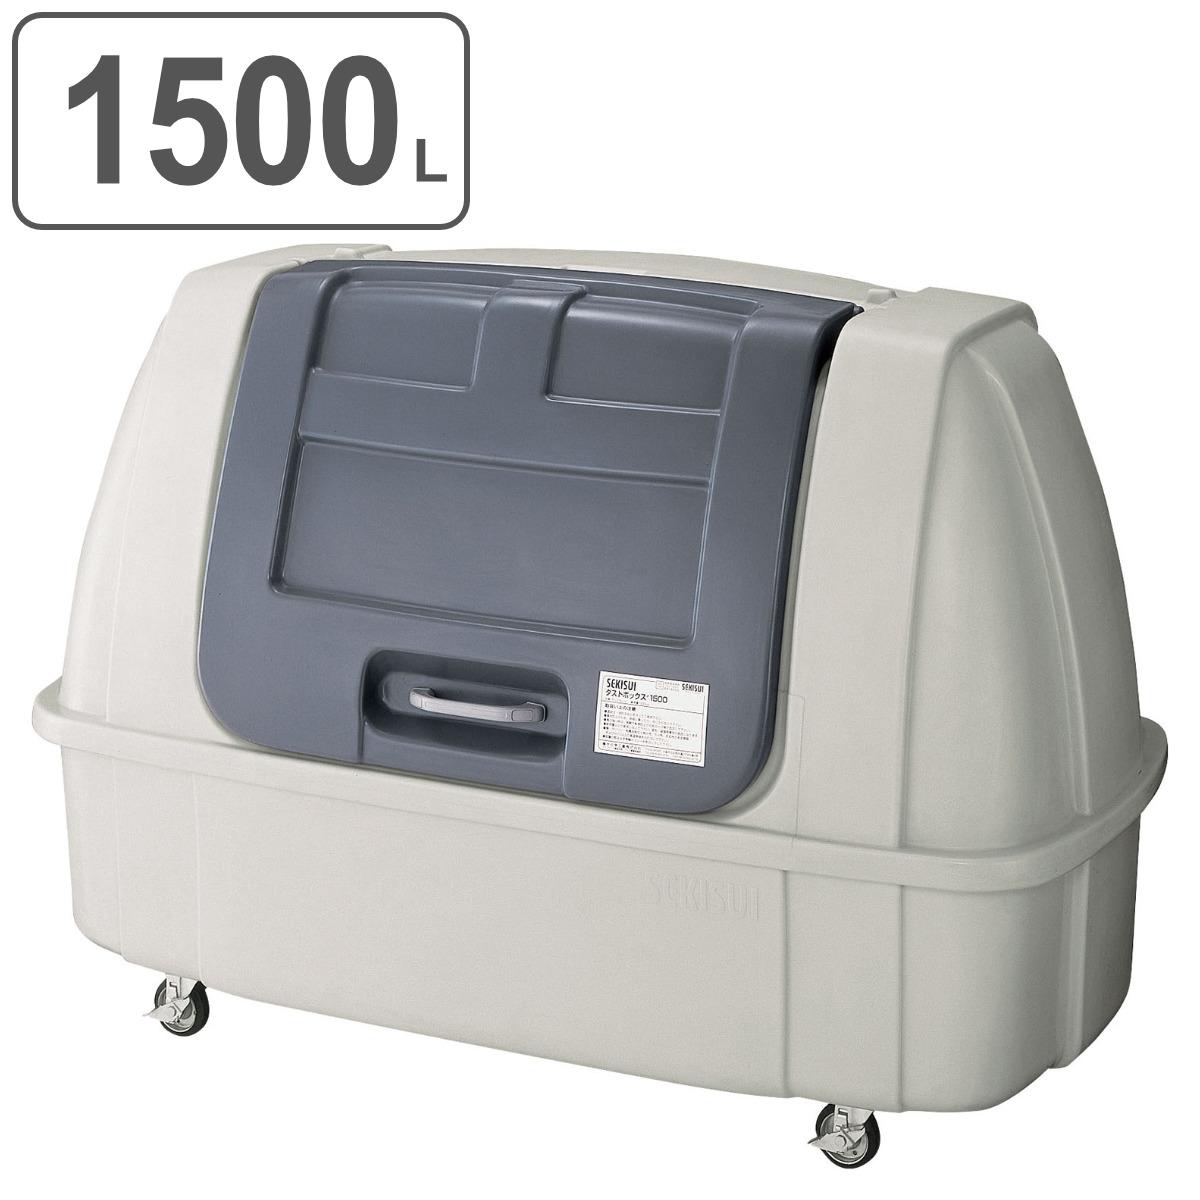 ダストボックス #1500 (大型ゴミ箱 回収用 山崎産業 送料無料 )